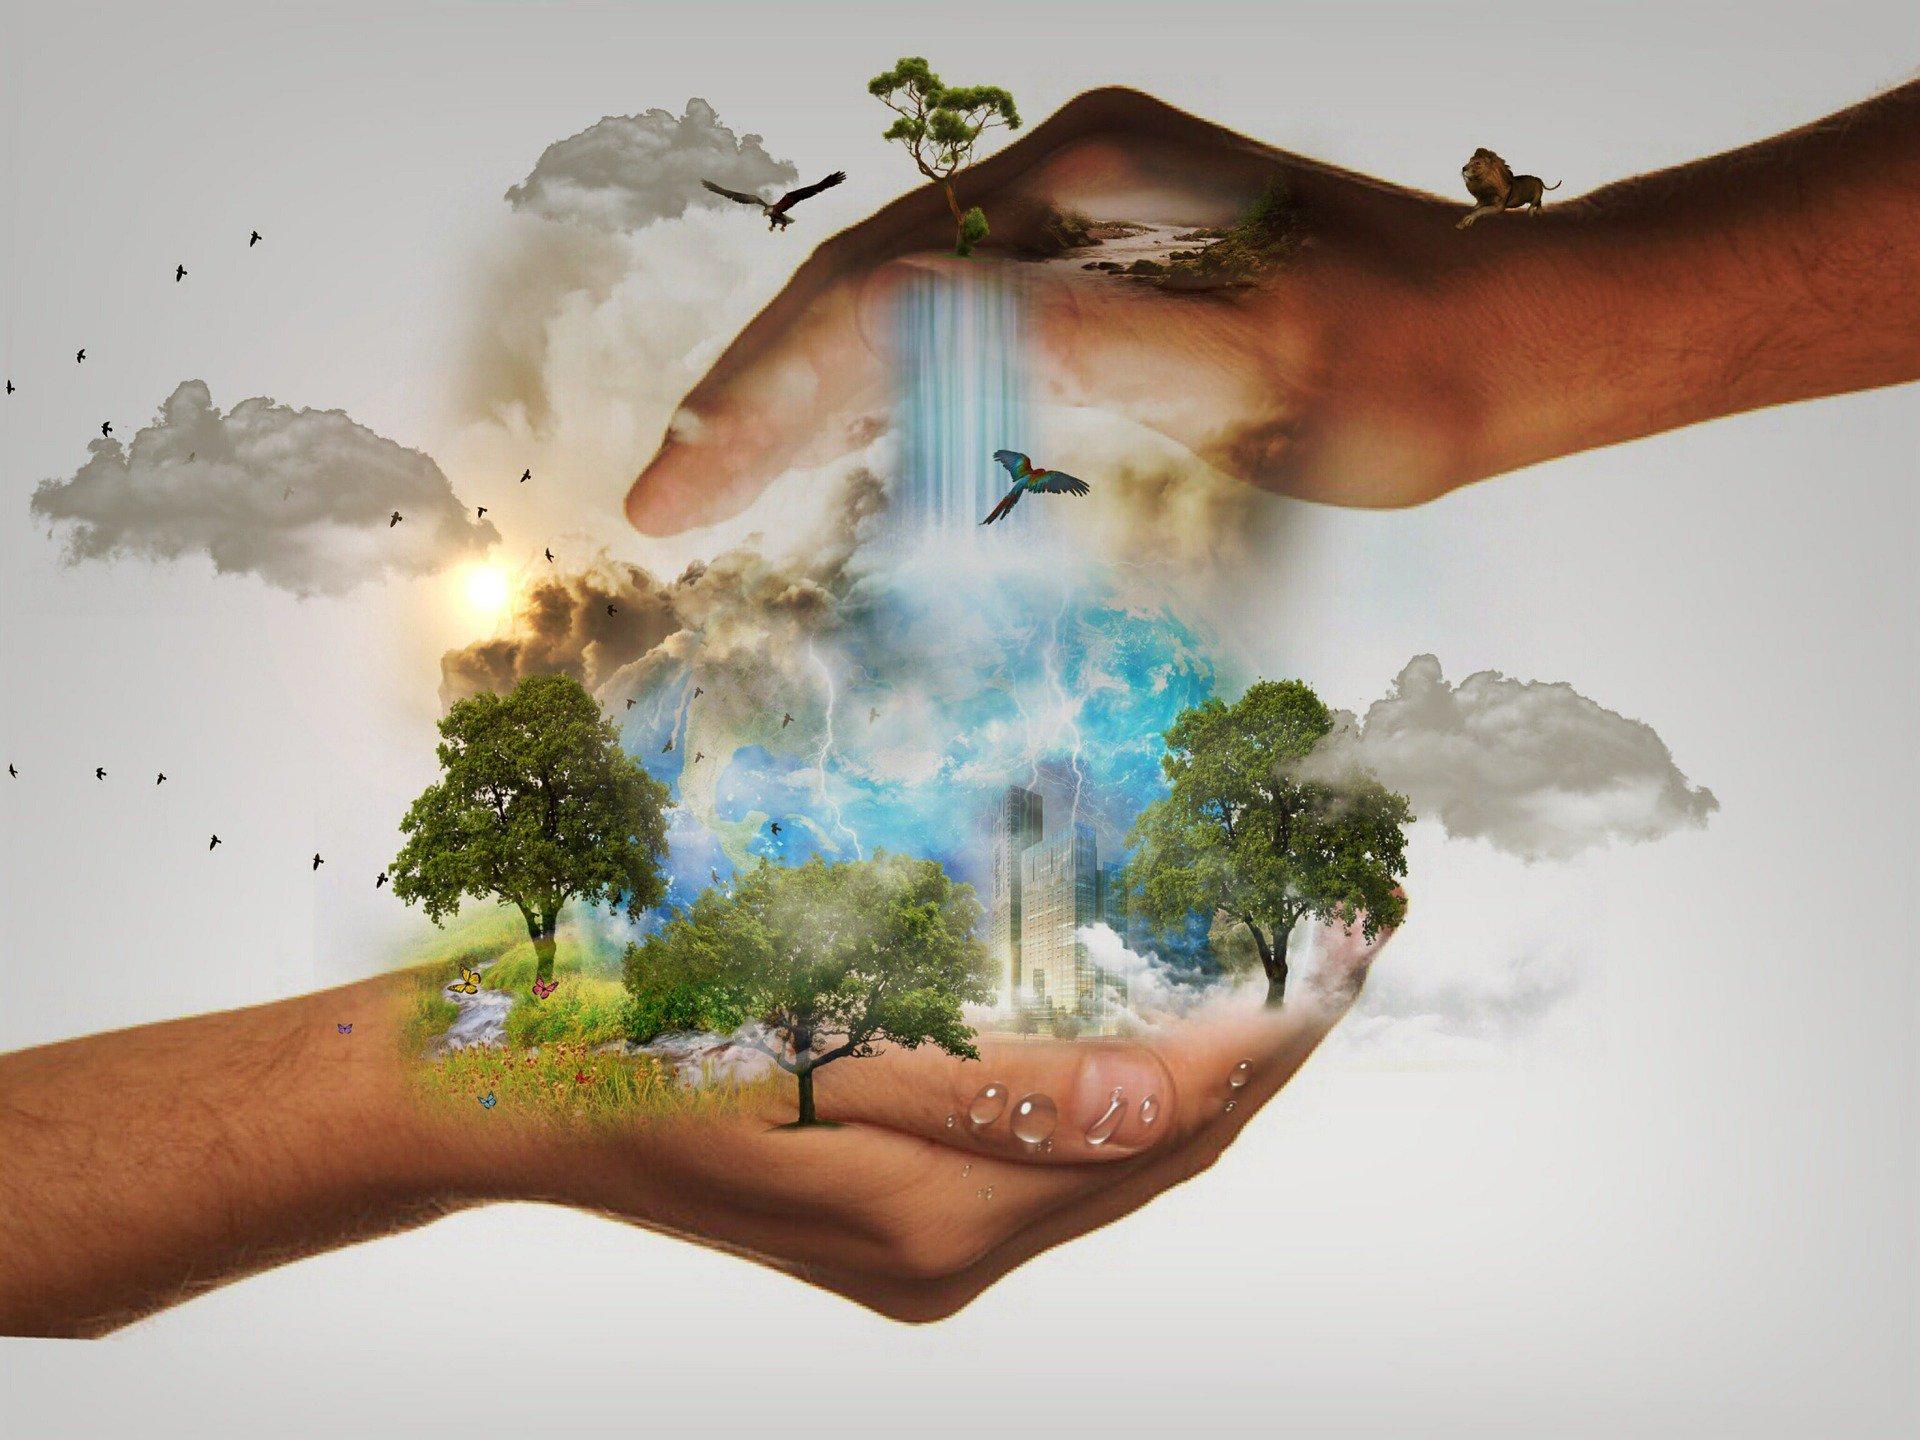 Картинки о экологии природы и мы